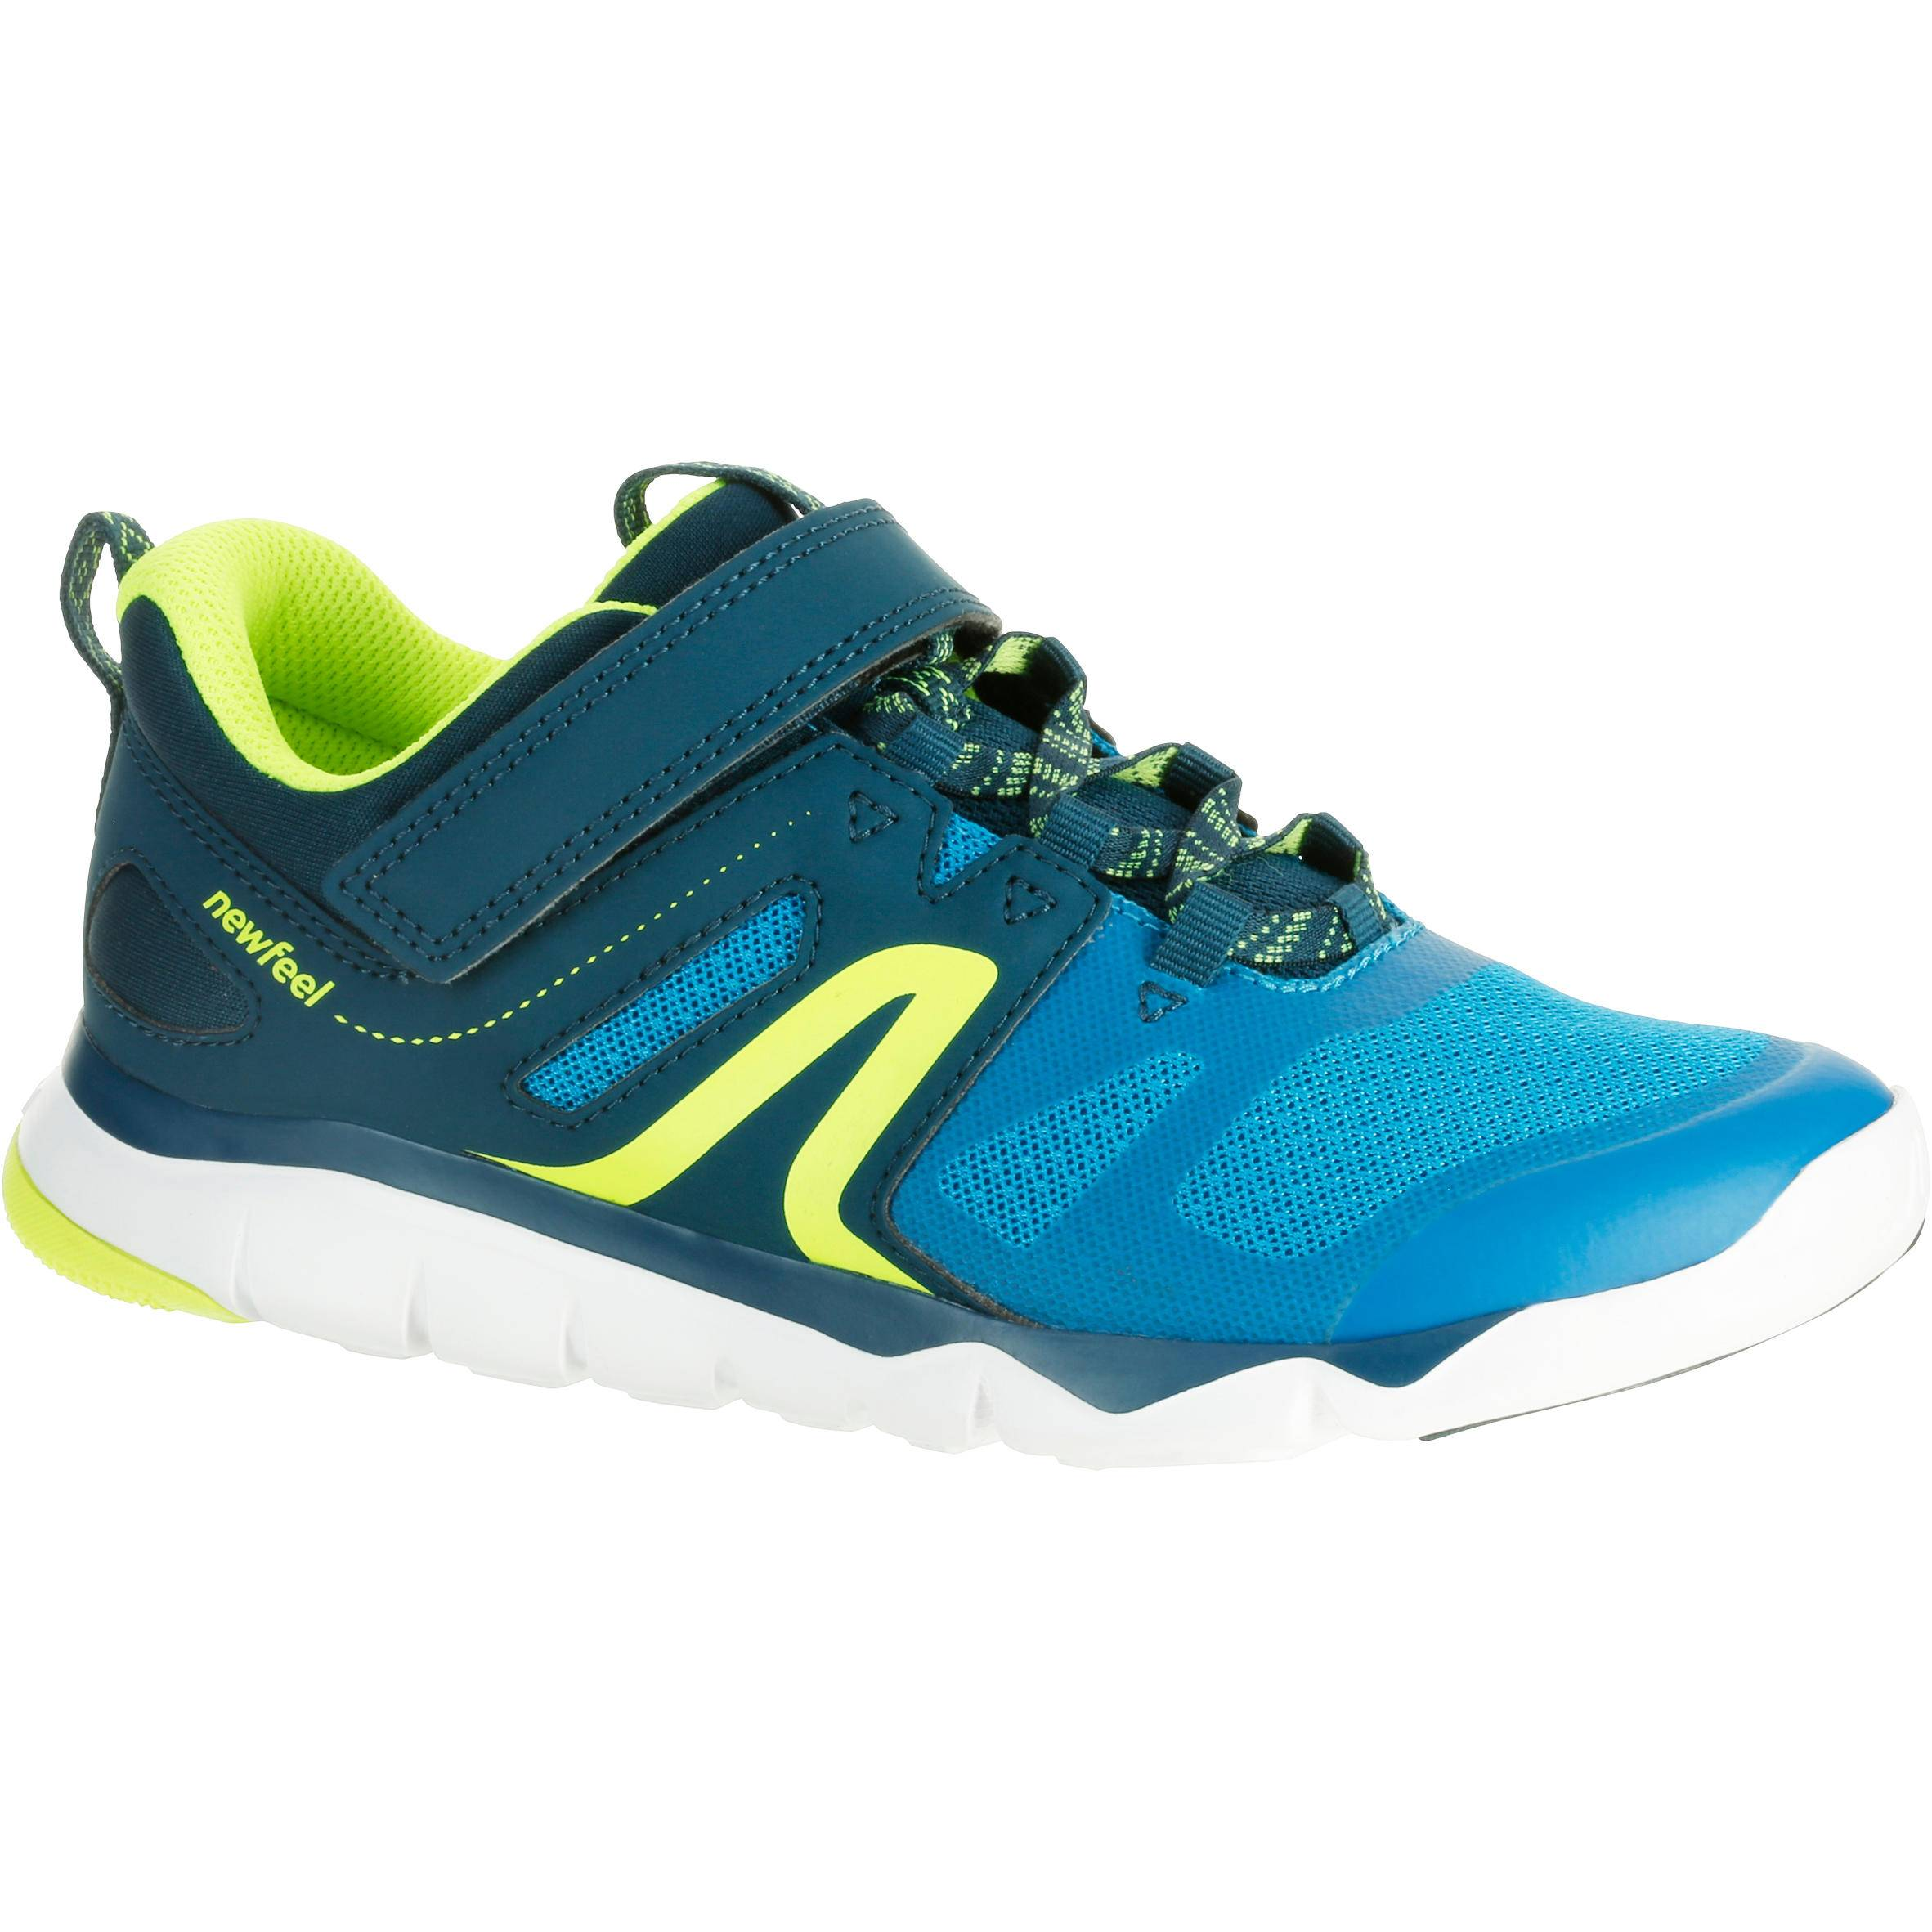 Newfeel Chaussures marche enfant PW 540 bleu / vert - Newfeel